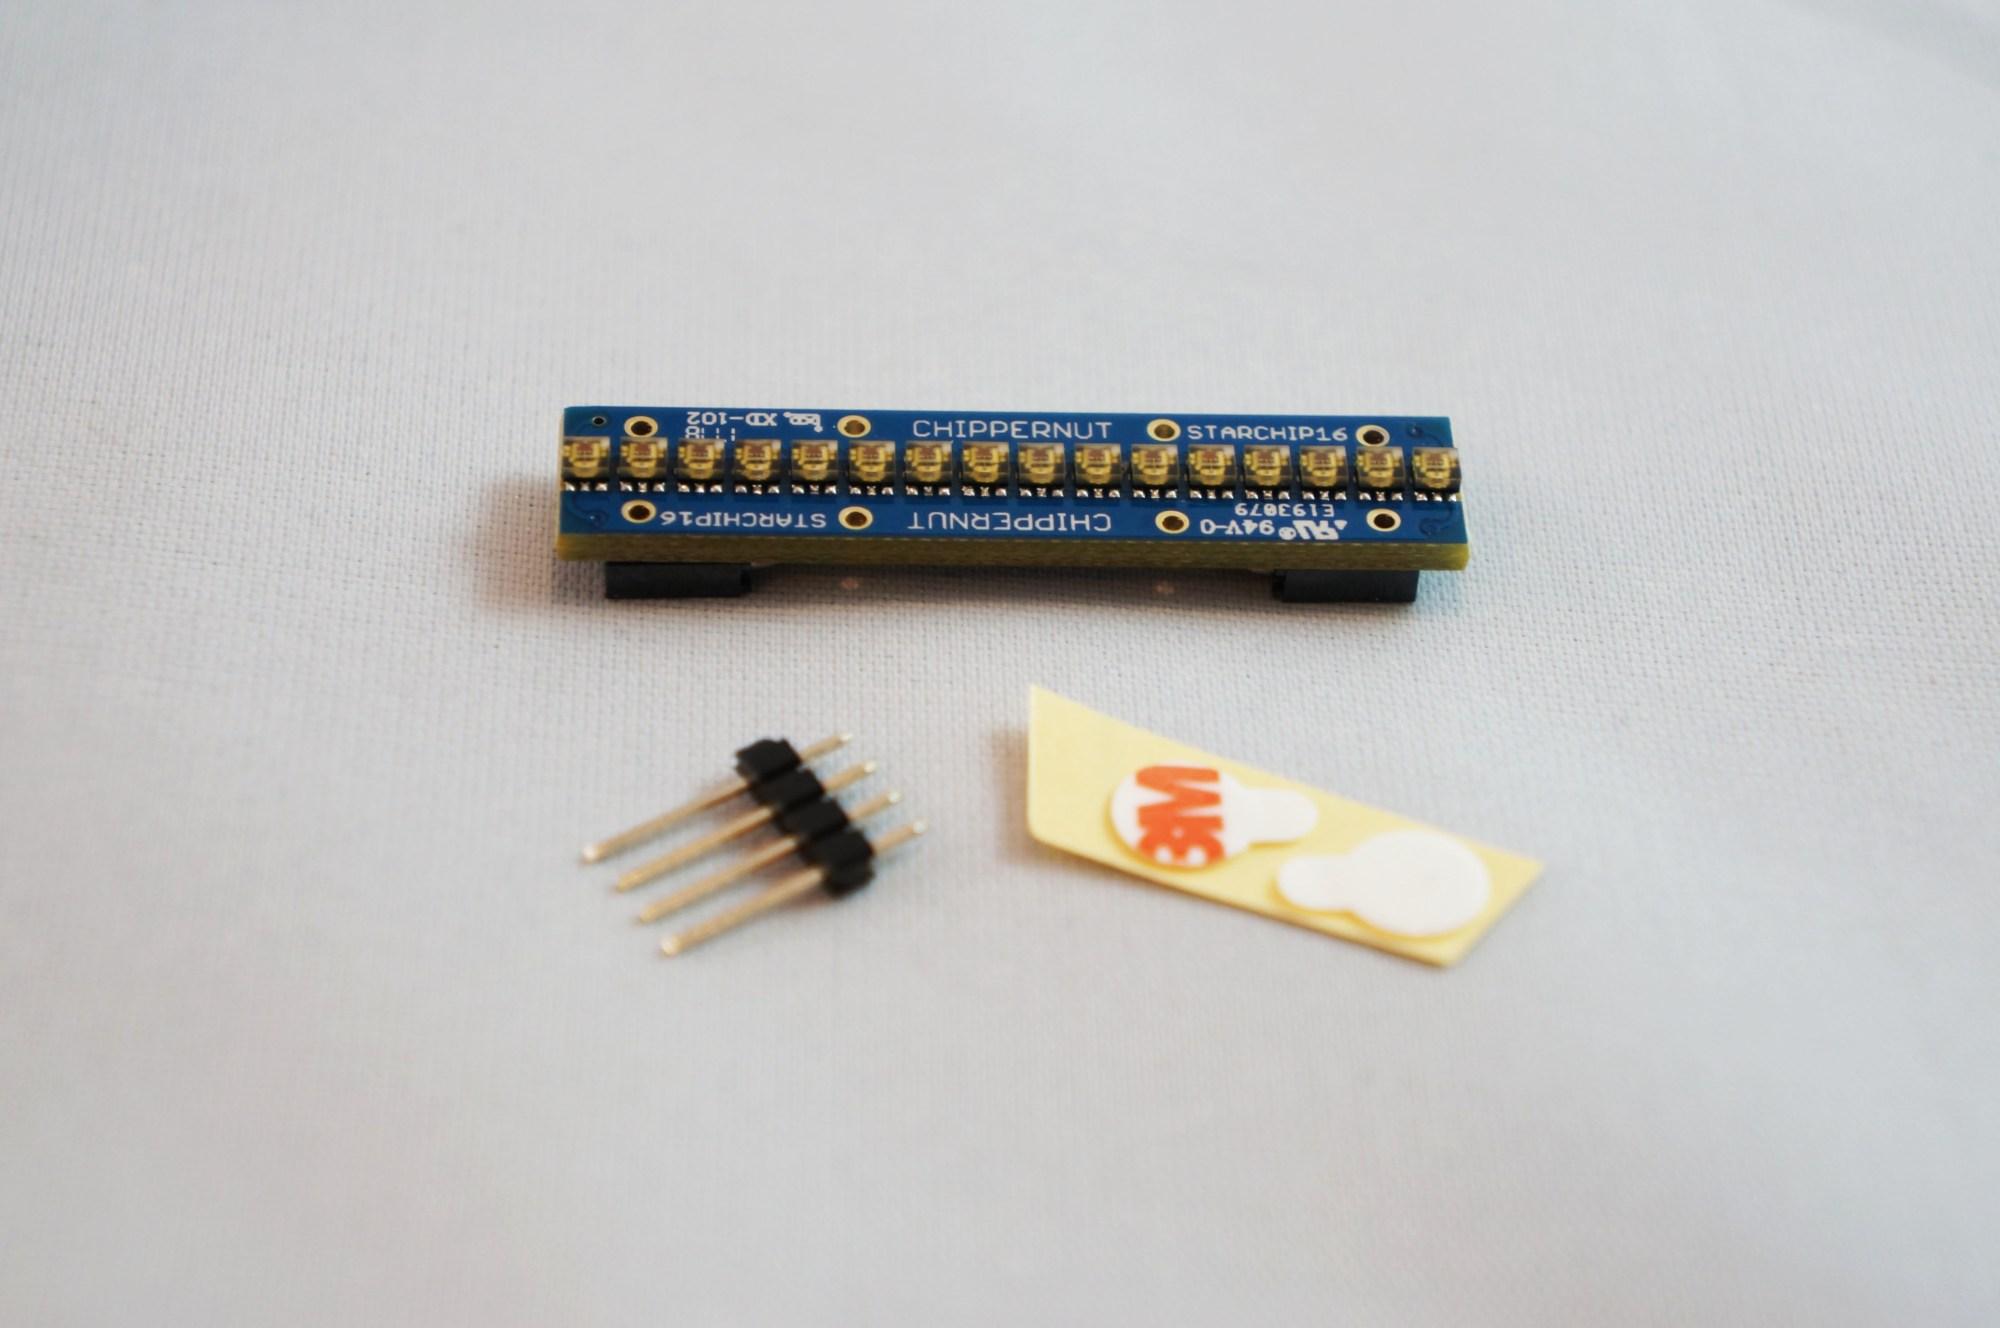 hight resolution of diy shift light kit unassembled v3 1 diy shift light wiring diagram diy shift light wiring diagram